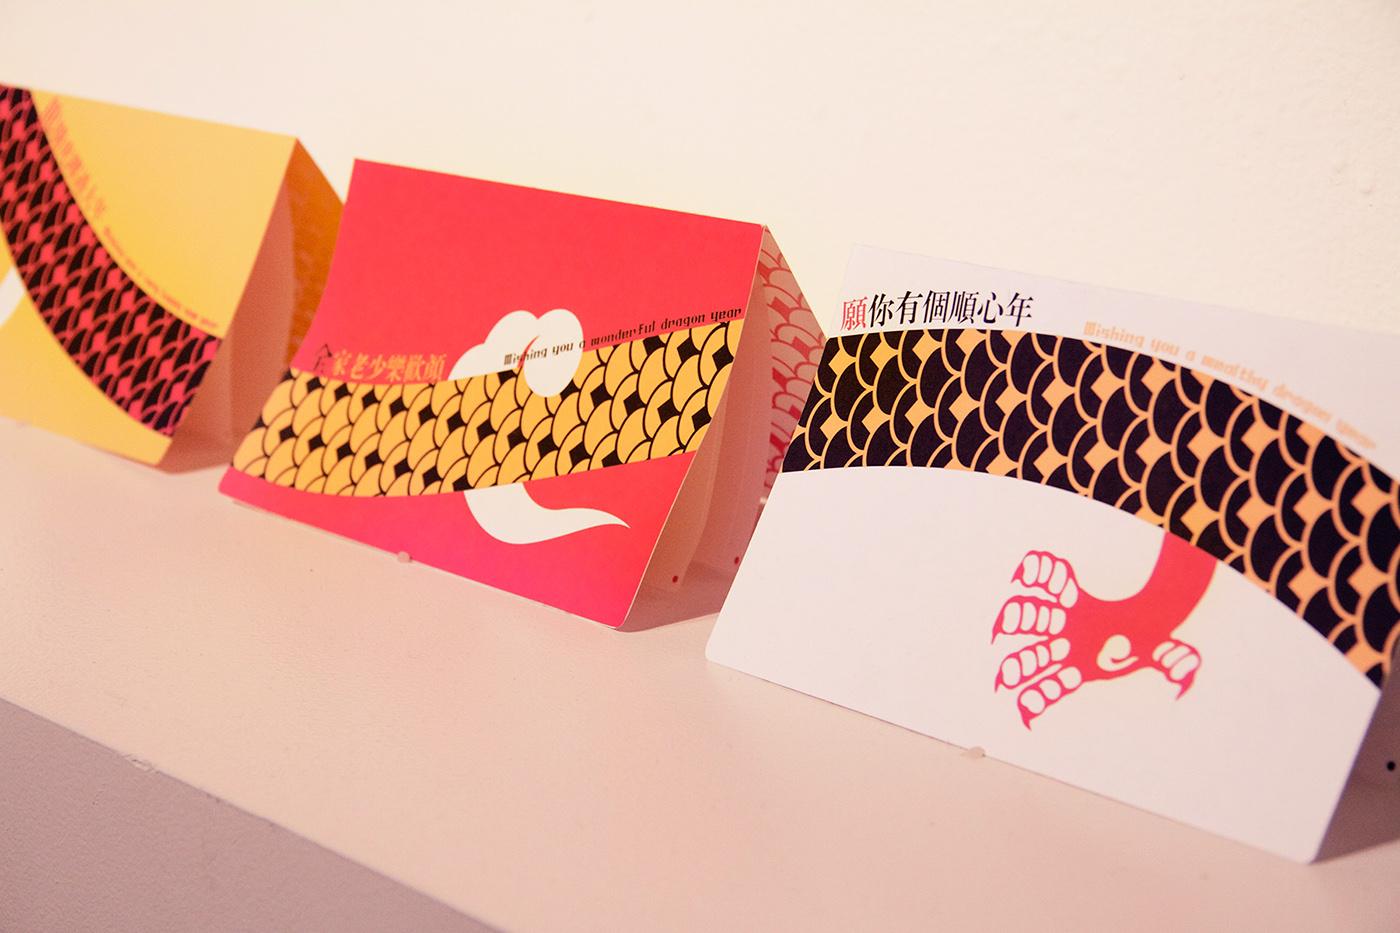 2012 The dragon comes  - Post Card Design